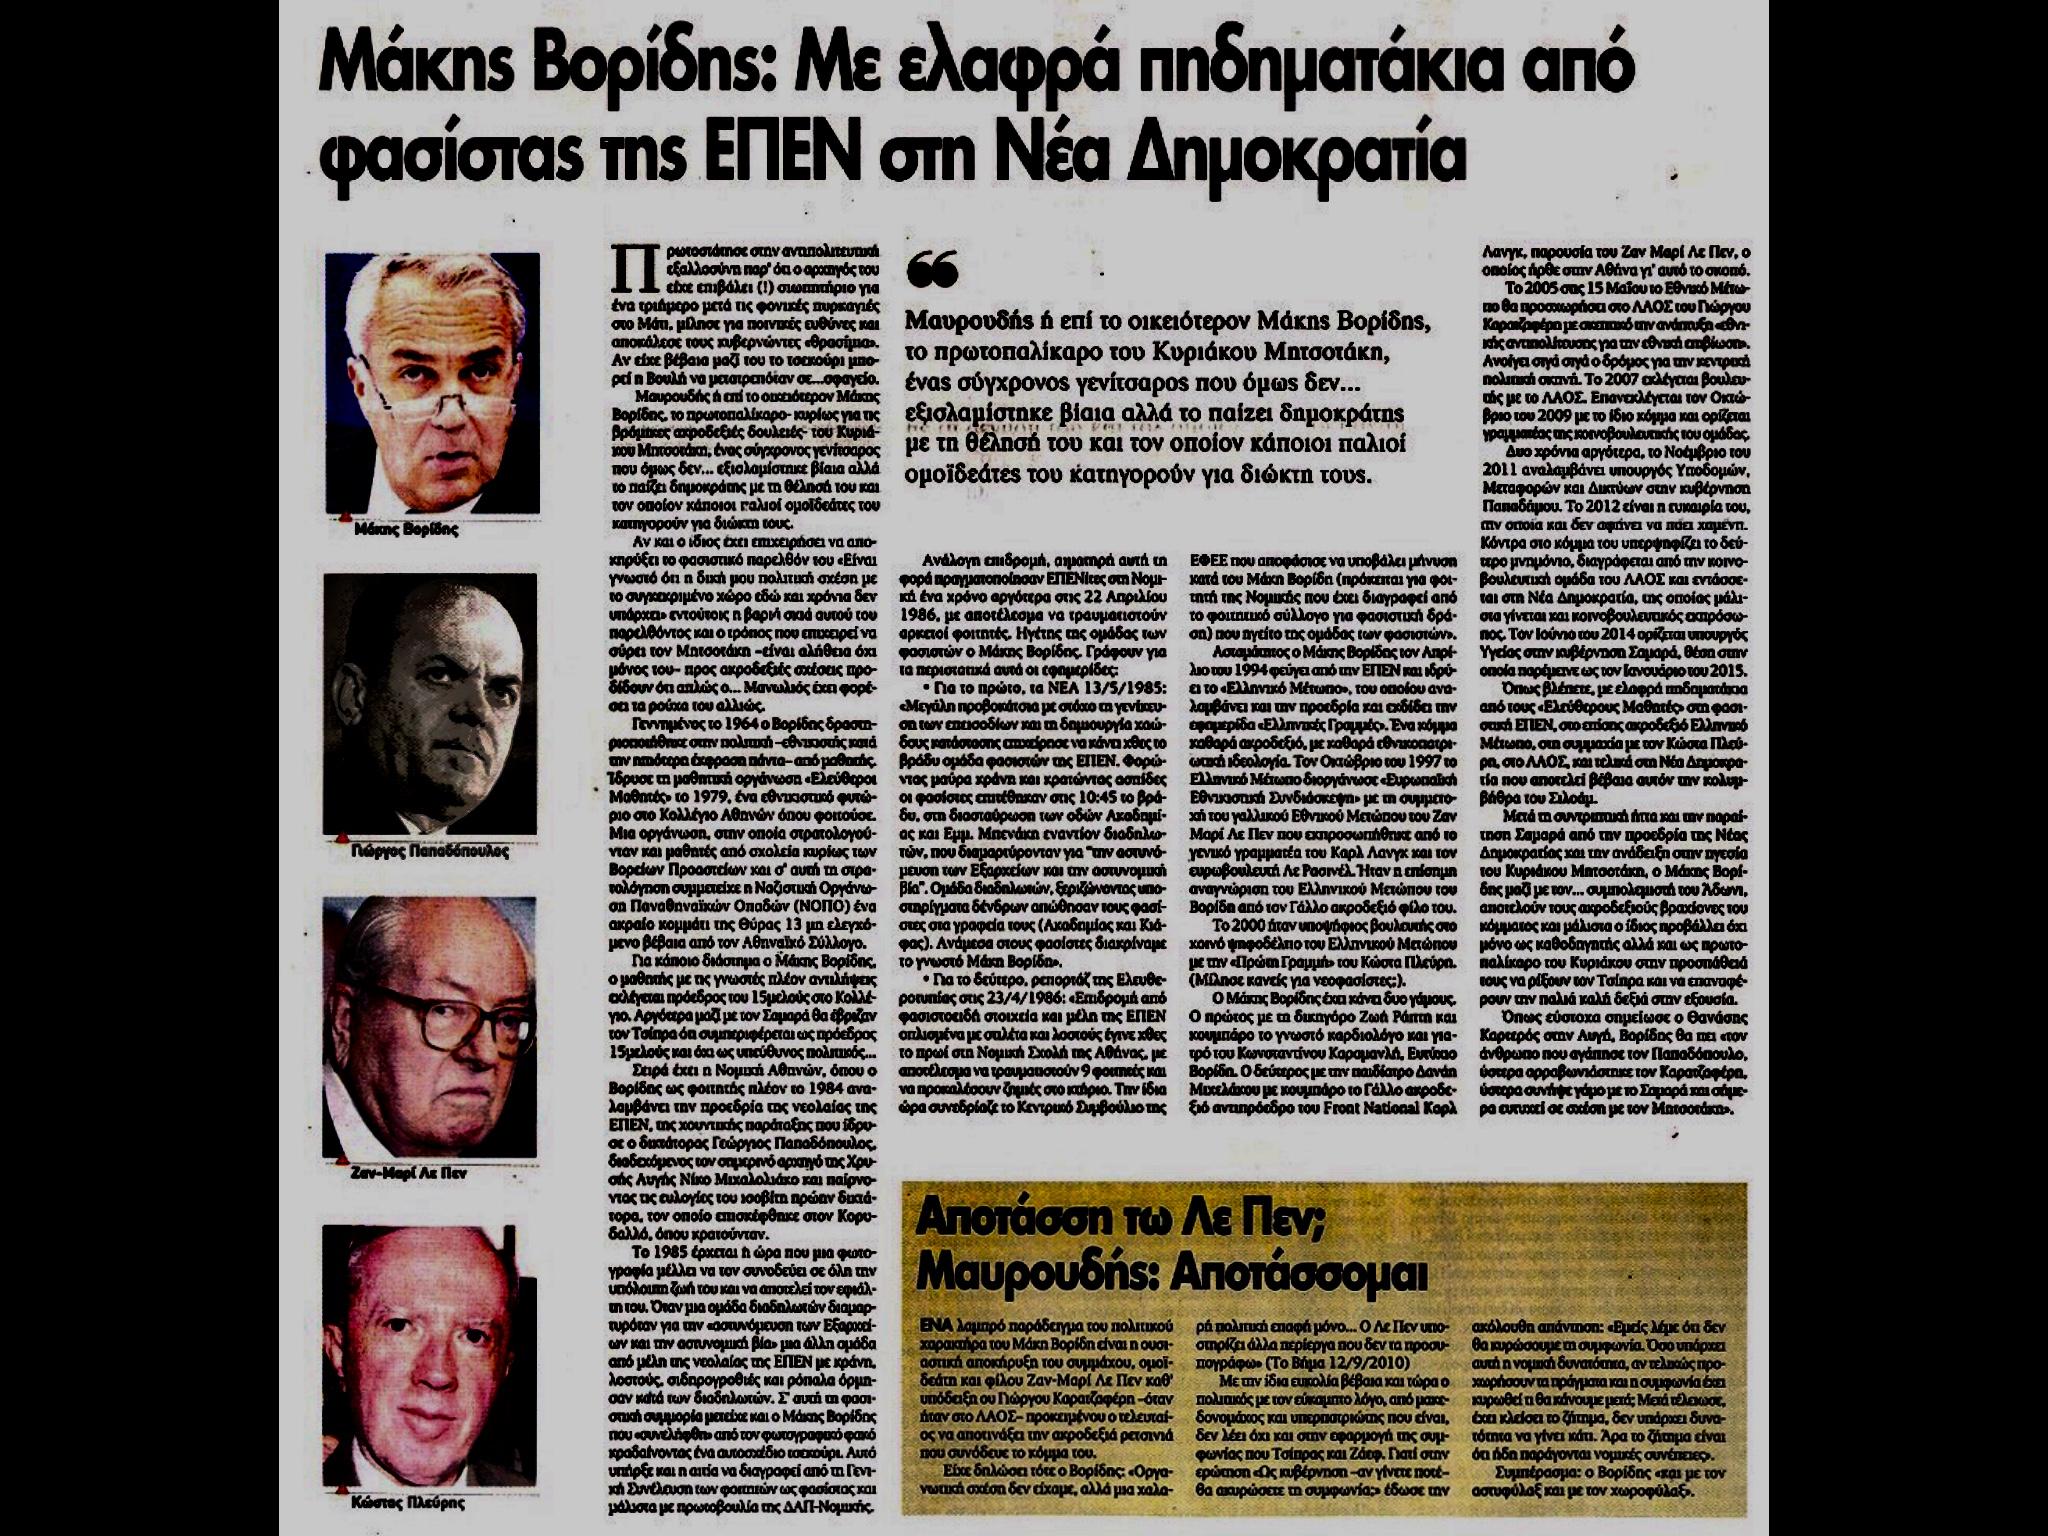 ΕΝΟΧΗ η σιωπή του Μητσοτάκη μετά τις αποκαλύψεις για τον Μάκη Βορίδη #Η_ανοδος_της_ακροδεξιας_στην_Ελλάδα